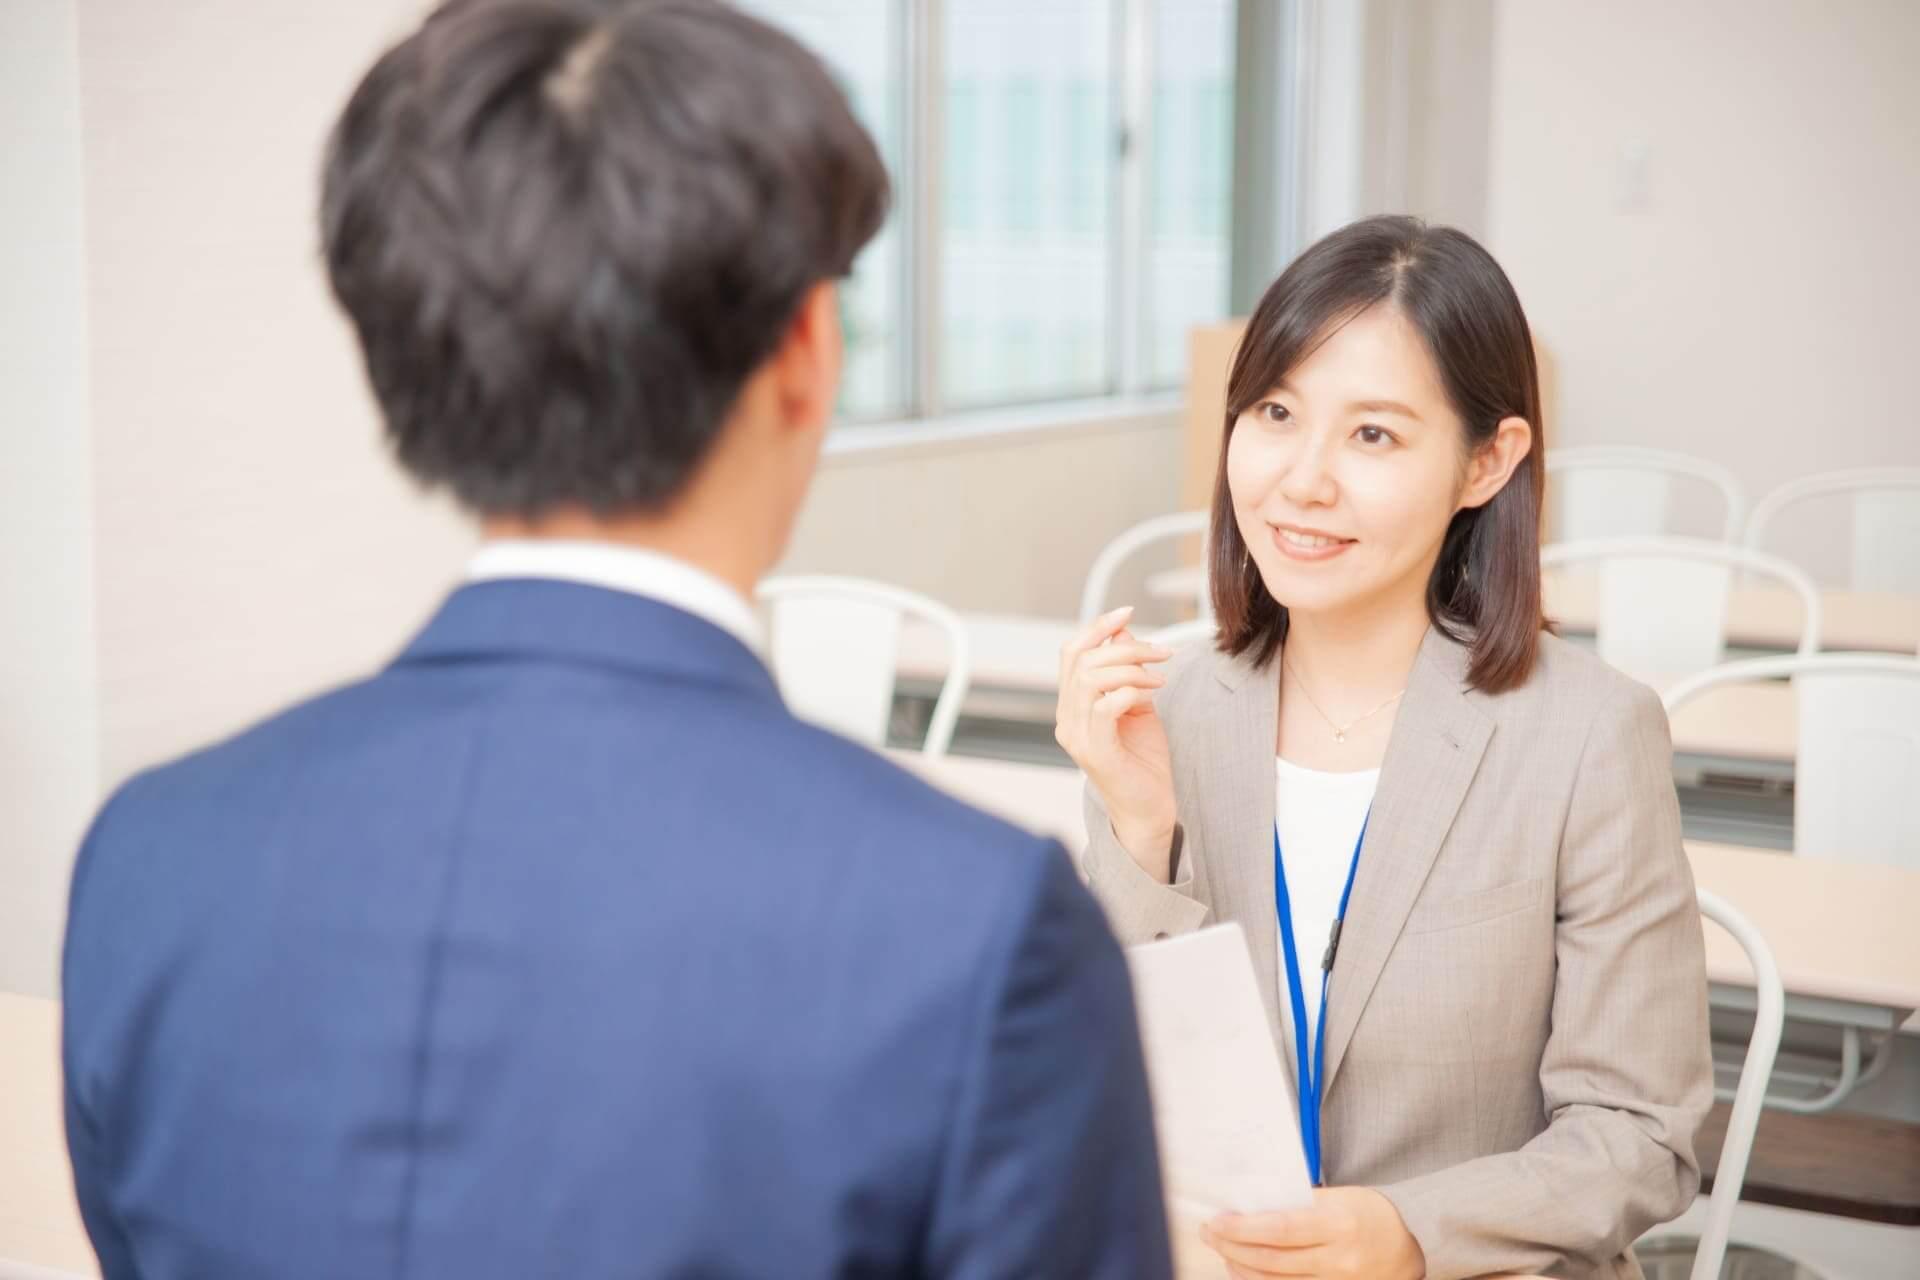 【無料】転職占い|成功する転職時期は●月●日、転職したら人生は変わる?